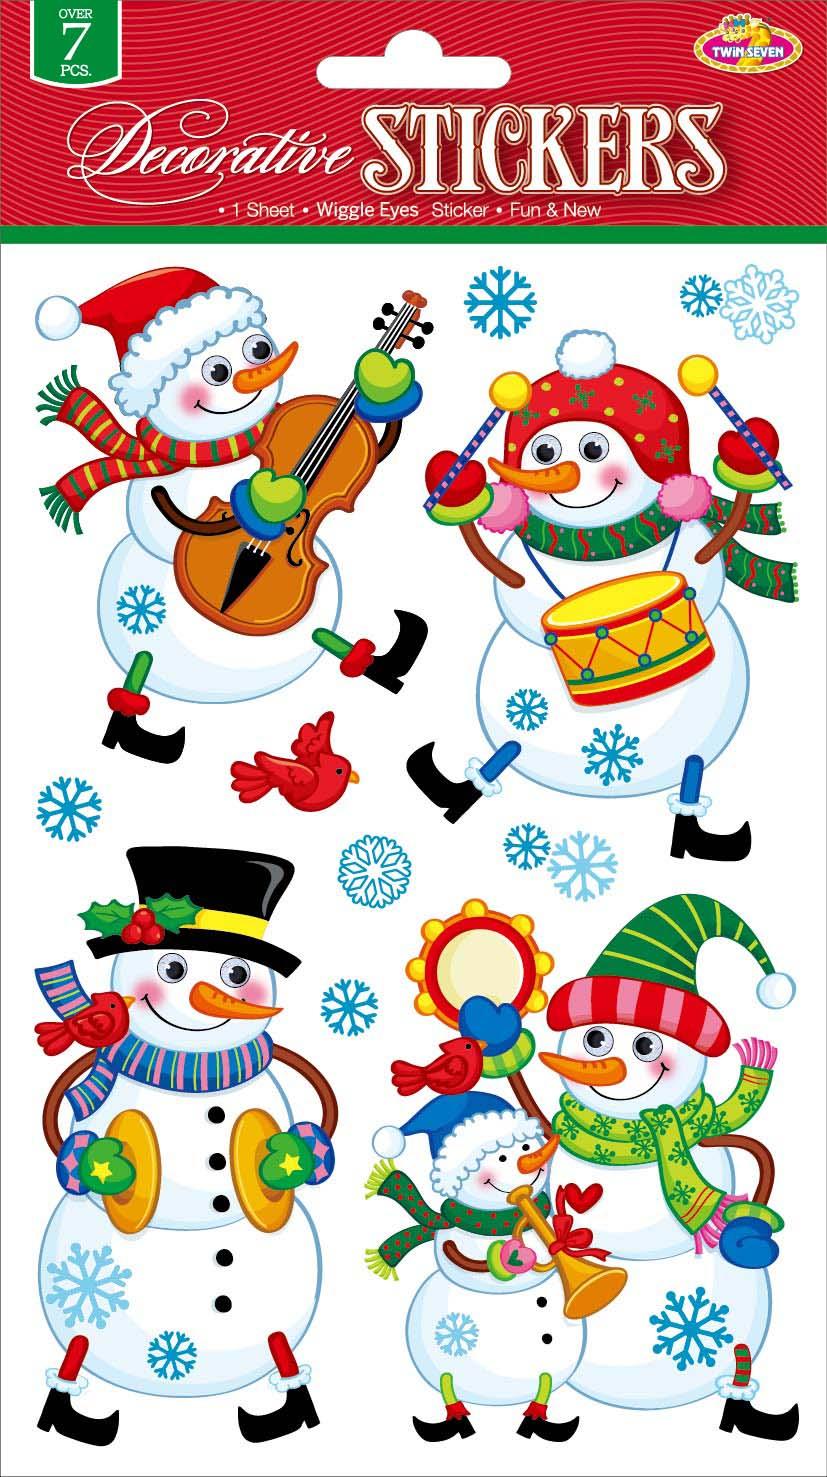 Наклейки для интерьера Room Decoration Забавные снеговичкиNH 5003 ДекорНаклейки для стен и предметов интерьера Room Decoration Забавные снеговички, изготовленные из самоклеящейся виниловой пленки, помогут украсить дом к предстоящим праздникам. Изделия выполнены в виде снеговиков с объемными глазами, снежинок.Наклейки дадут вам вдохновение, которое изменит вашу жизнь и поможет погрузиться в мир ярких красок, фантазий и творчества. Для вас открываются безграничные возможности придумать оригинальный дизайн и придать новый вид стенам и мебели. Наклейки абсолютно безопасны для здоровья. Они быстро и легко наклеиваются на любые ровные поверхности: стены, окна, двери, стекла, мебель. При необходимости удобно снимаются, не оставляют следов. Наклейки Room Decoration Забавные снеговички помогут вам изменить интерьер вокруг себя: в детской комнате и гостиной, на кухне и в прихожей, витрину кафе и магазина, детский садик и офис.Размер листа: 14 см х 21 см.Количество наклеек на листе: 11 шт.Размер самой большой наклейки: 7,5 см х 9,5 см.Размер самой маленькой наклейки: 1,3 см х 1,3 см.